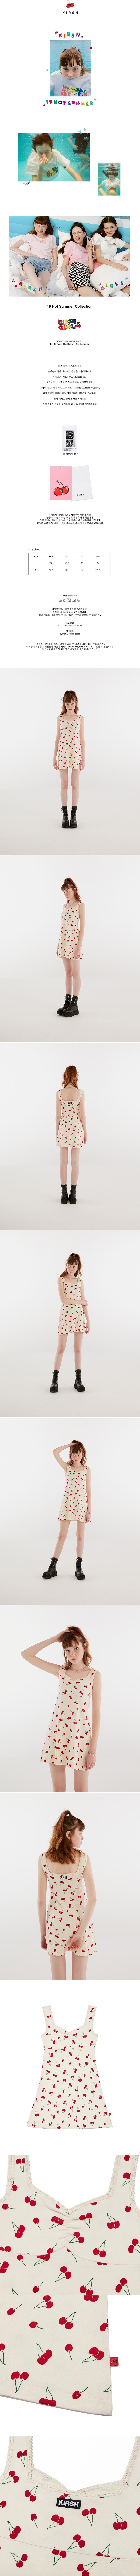 키르시(KIRSH) 체리 패턴 져지 드레스 IH [아이보리]